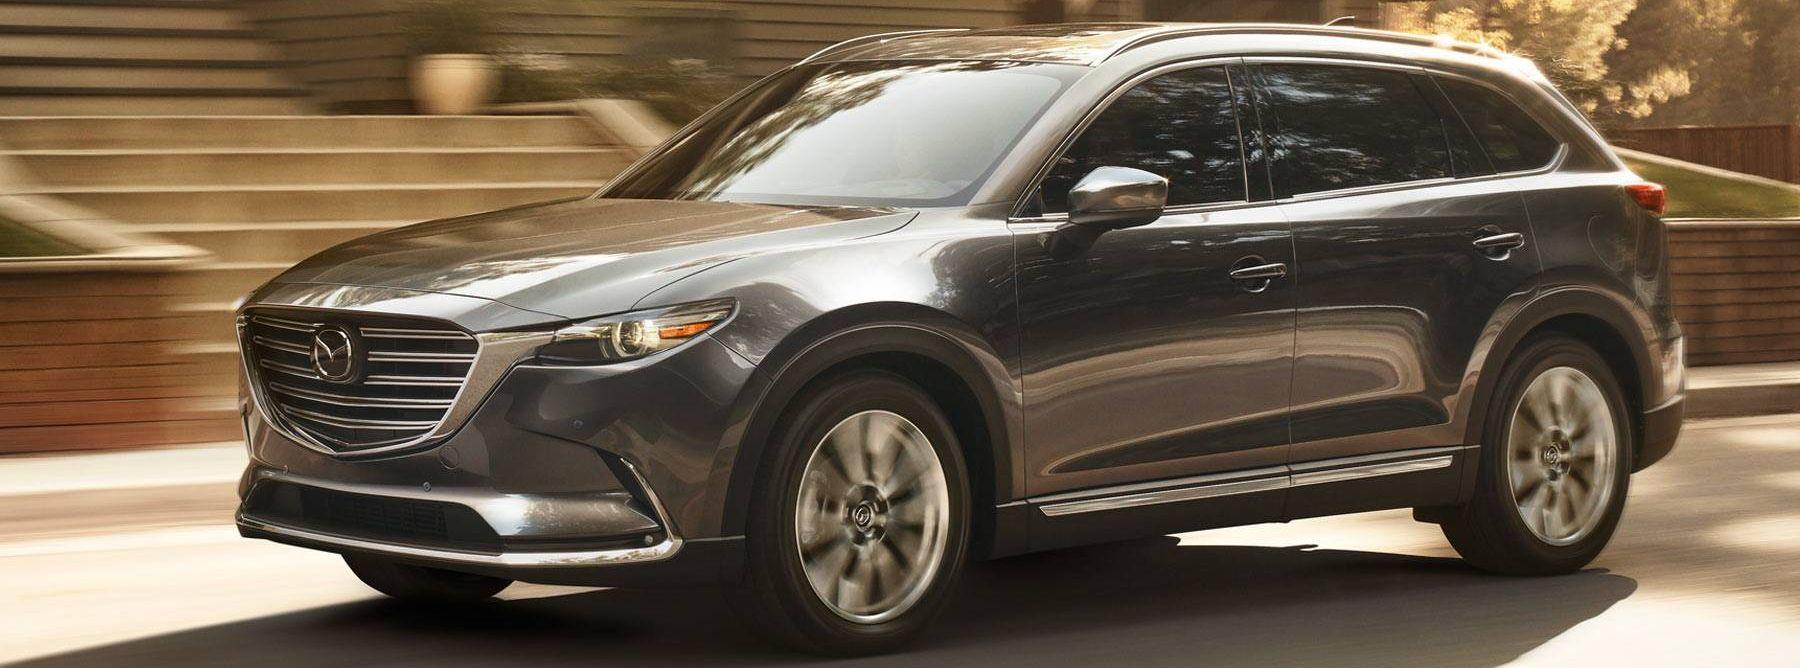 2019 Mazda CX-9 Financing near Sacramento, CA